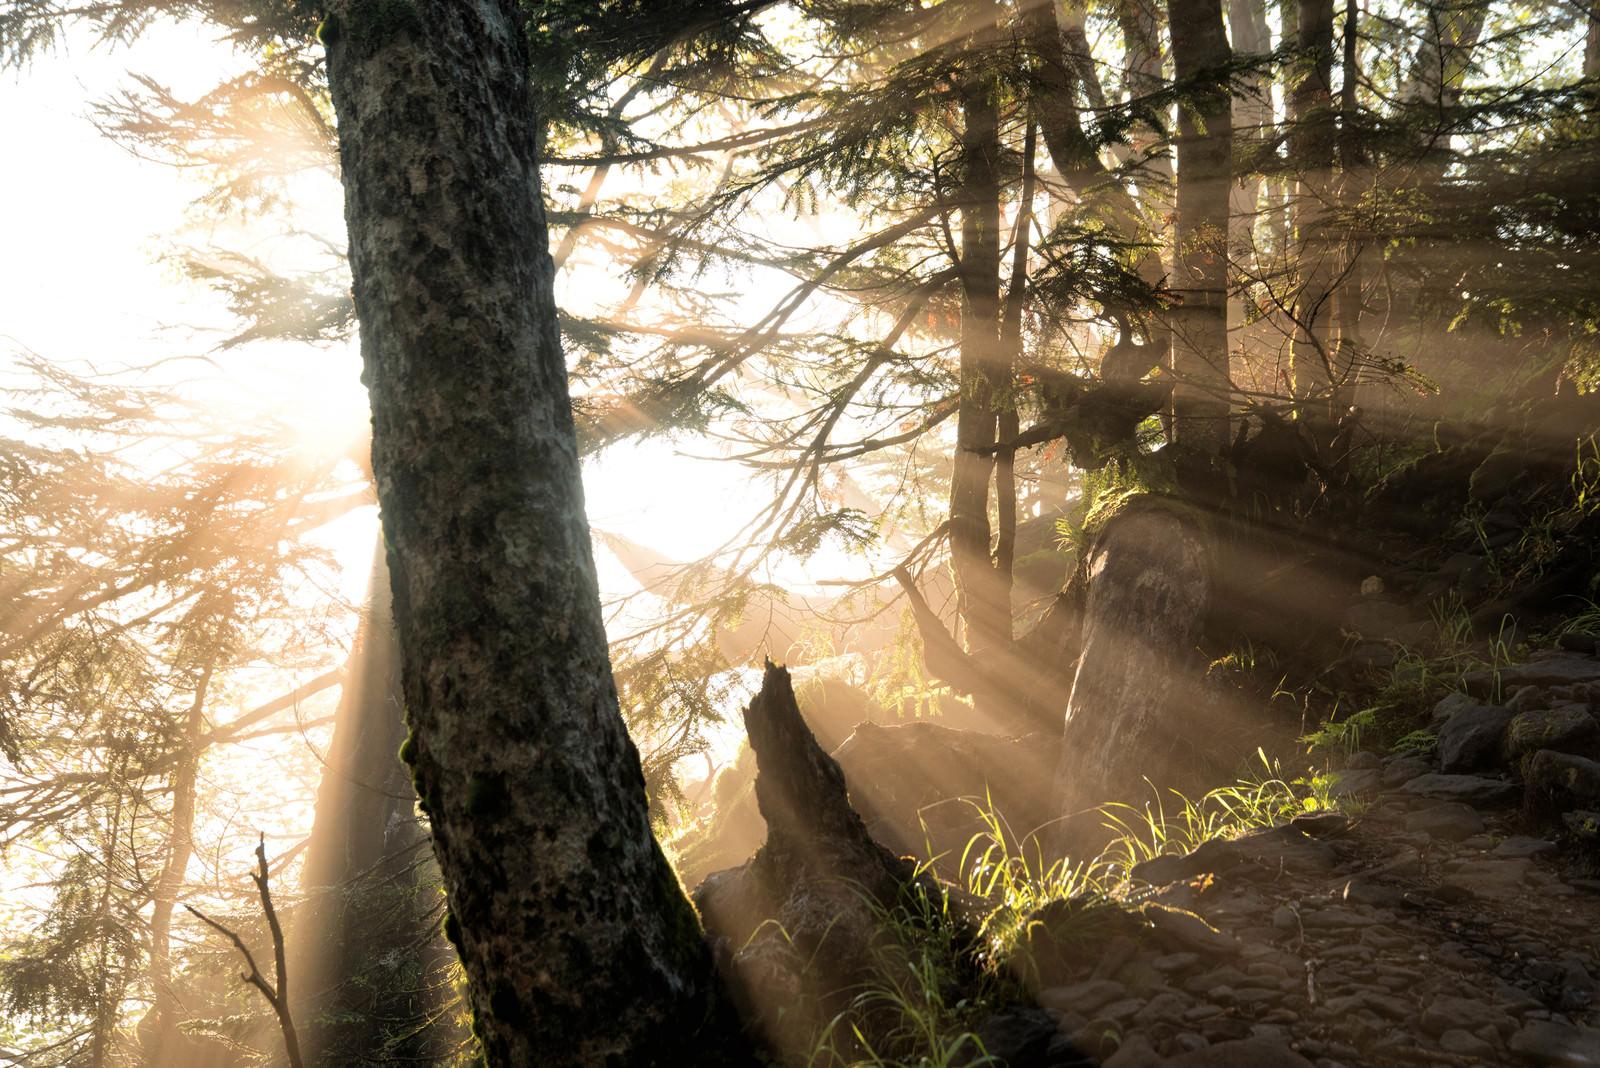 「森の中に立ち込める朝靄に降り注ぐ朝日」の写真